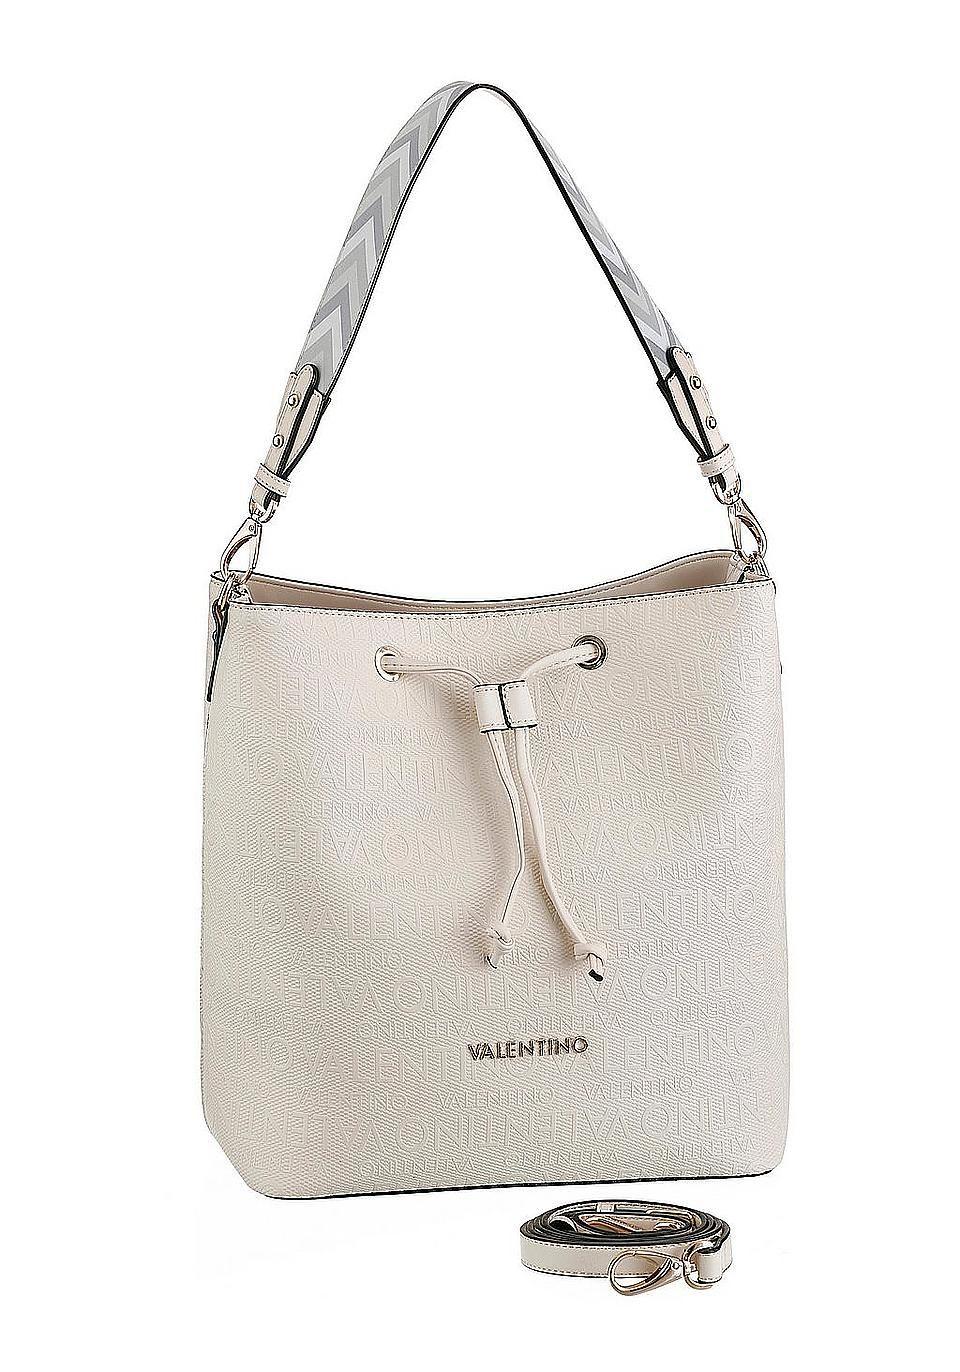 Die richtige Tasche gibt's bei #tasche #taschen